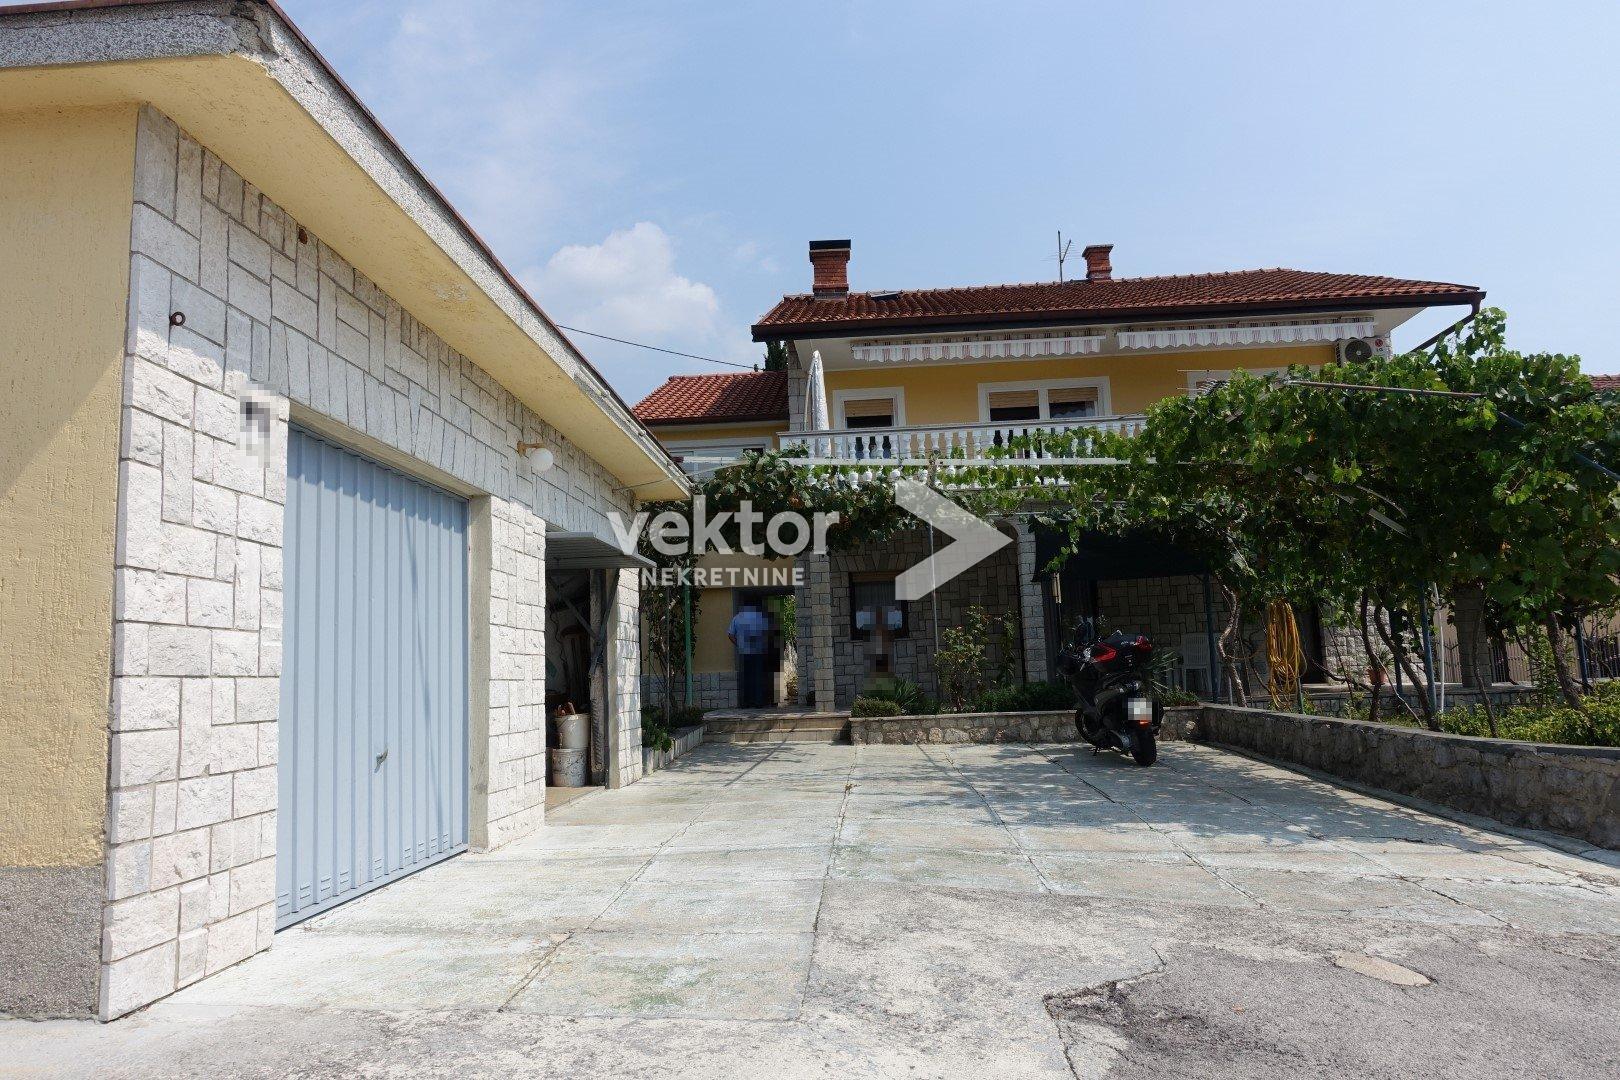 Pehlin, samostojeća kuća, dva stana, dvije garaže